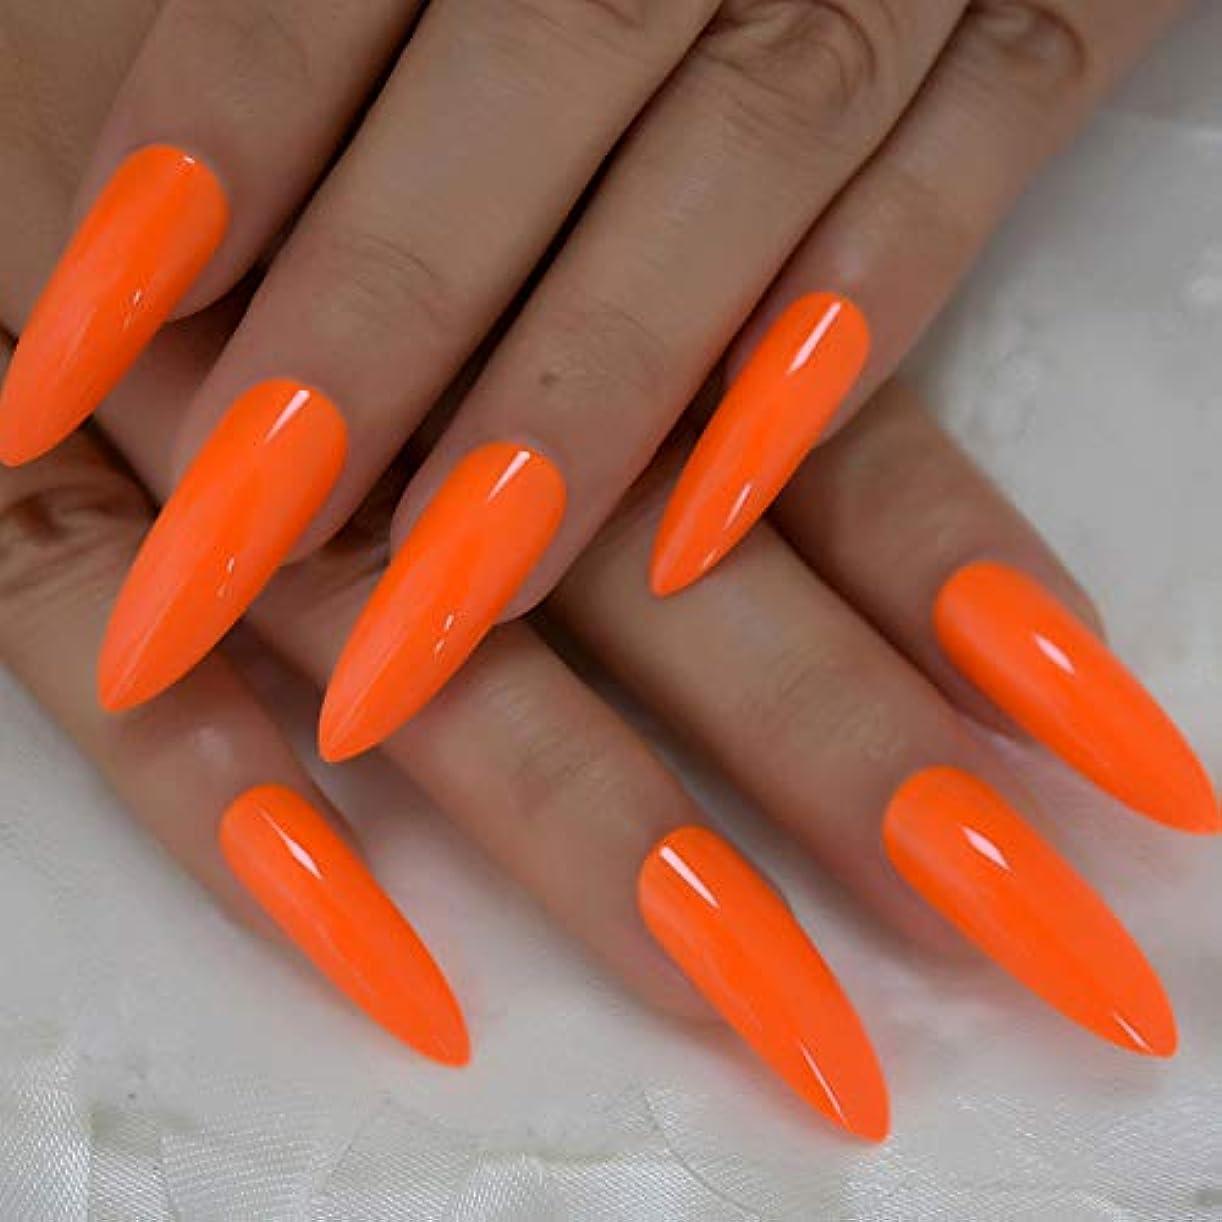 前進側溝先生XUTXZKA 偽の爪長く明るいオレンジ色の装飾マニキュアのヒント